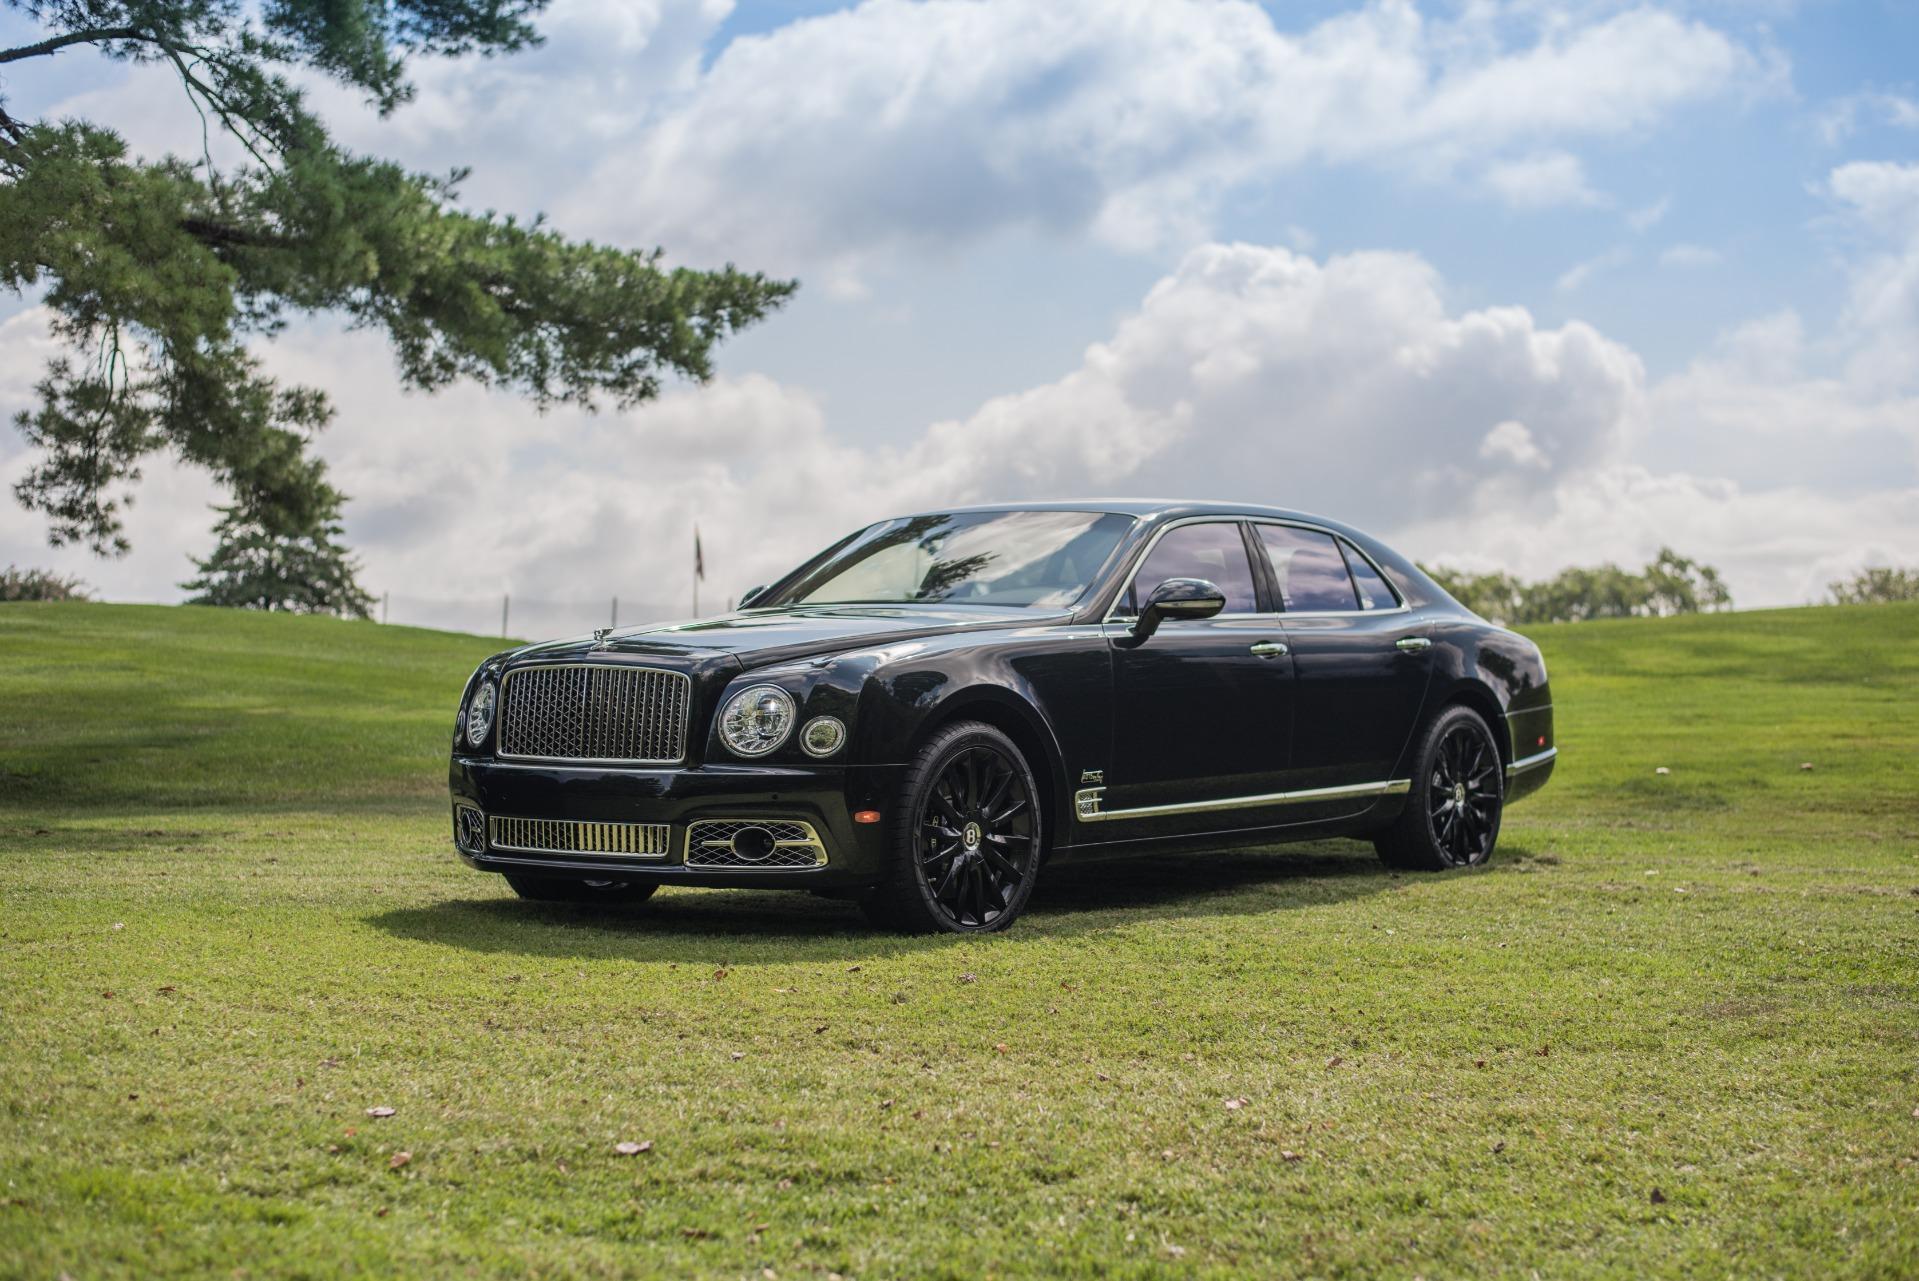 New-2019-Bentley-Mulsanne-WO-Bentley-Edition